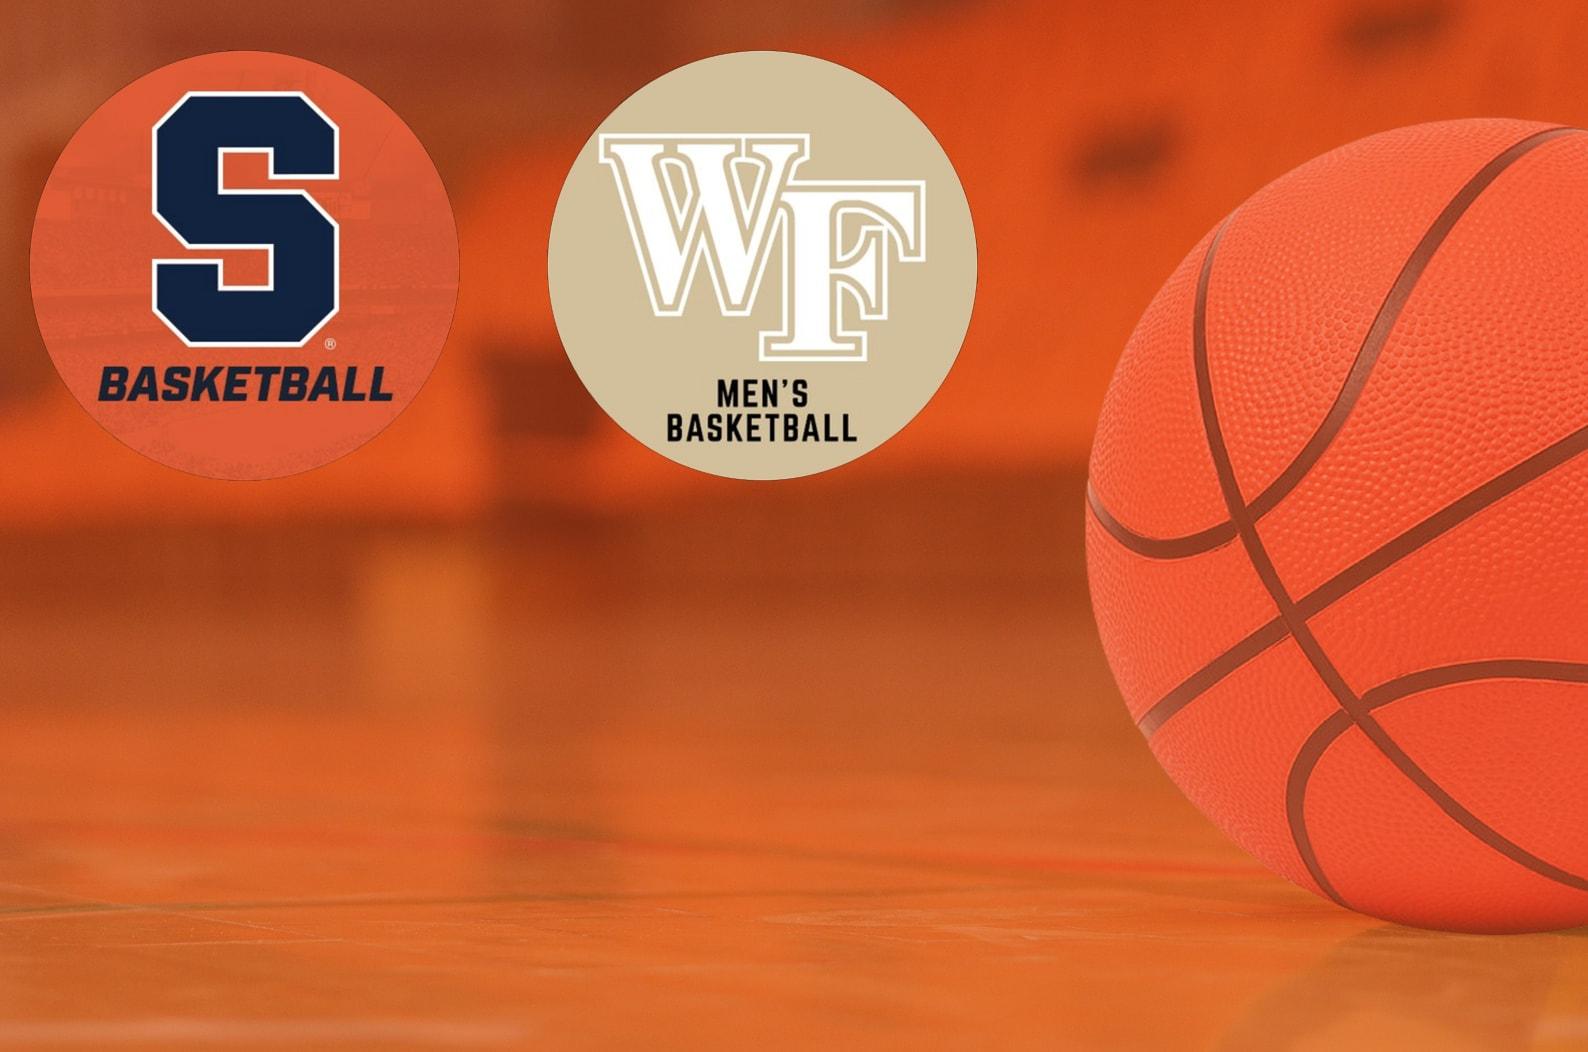 SU men's basketball vs. Wake Forest - March 2, 2019